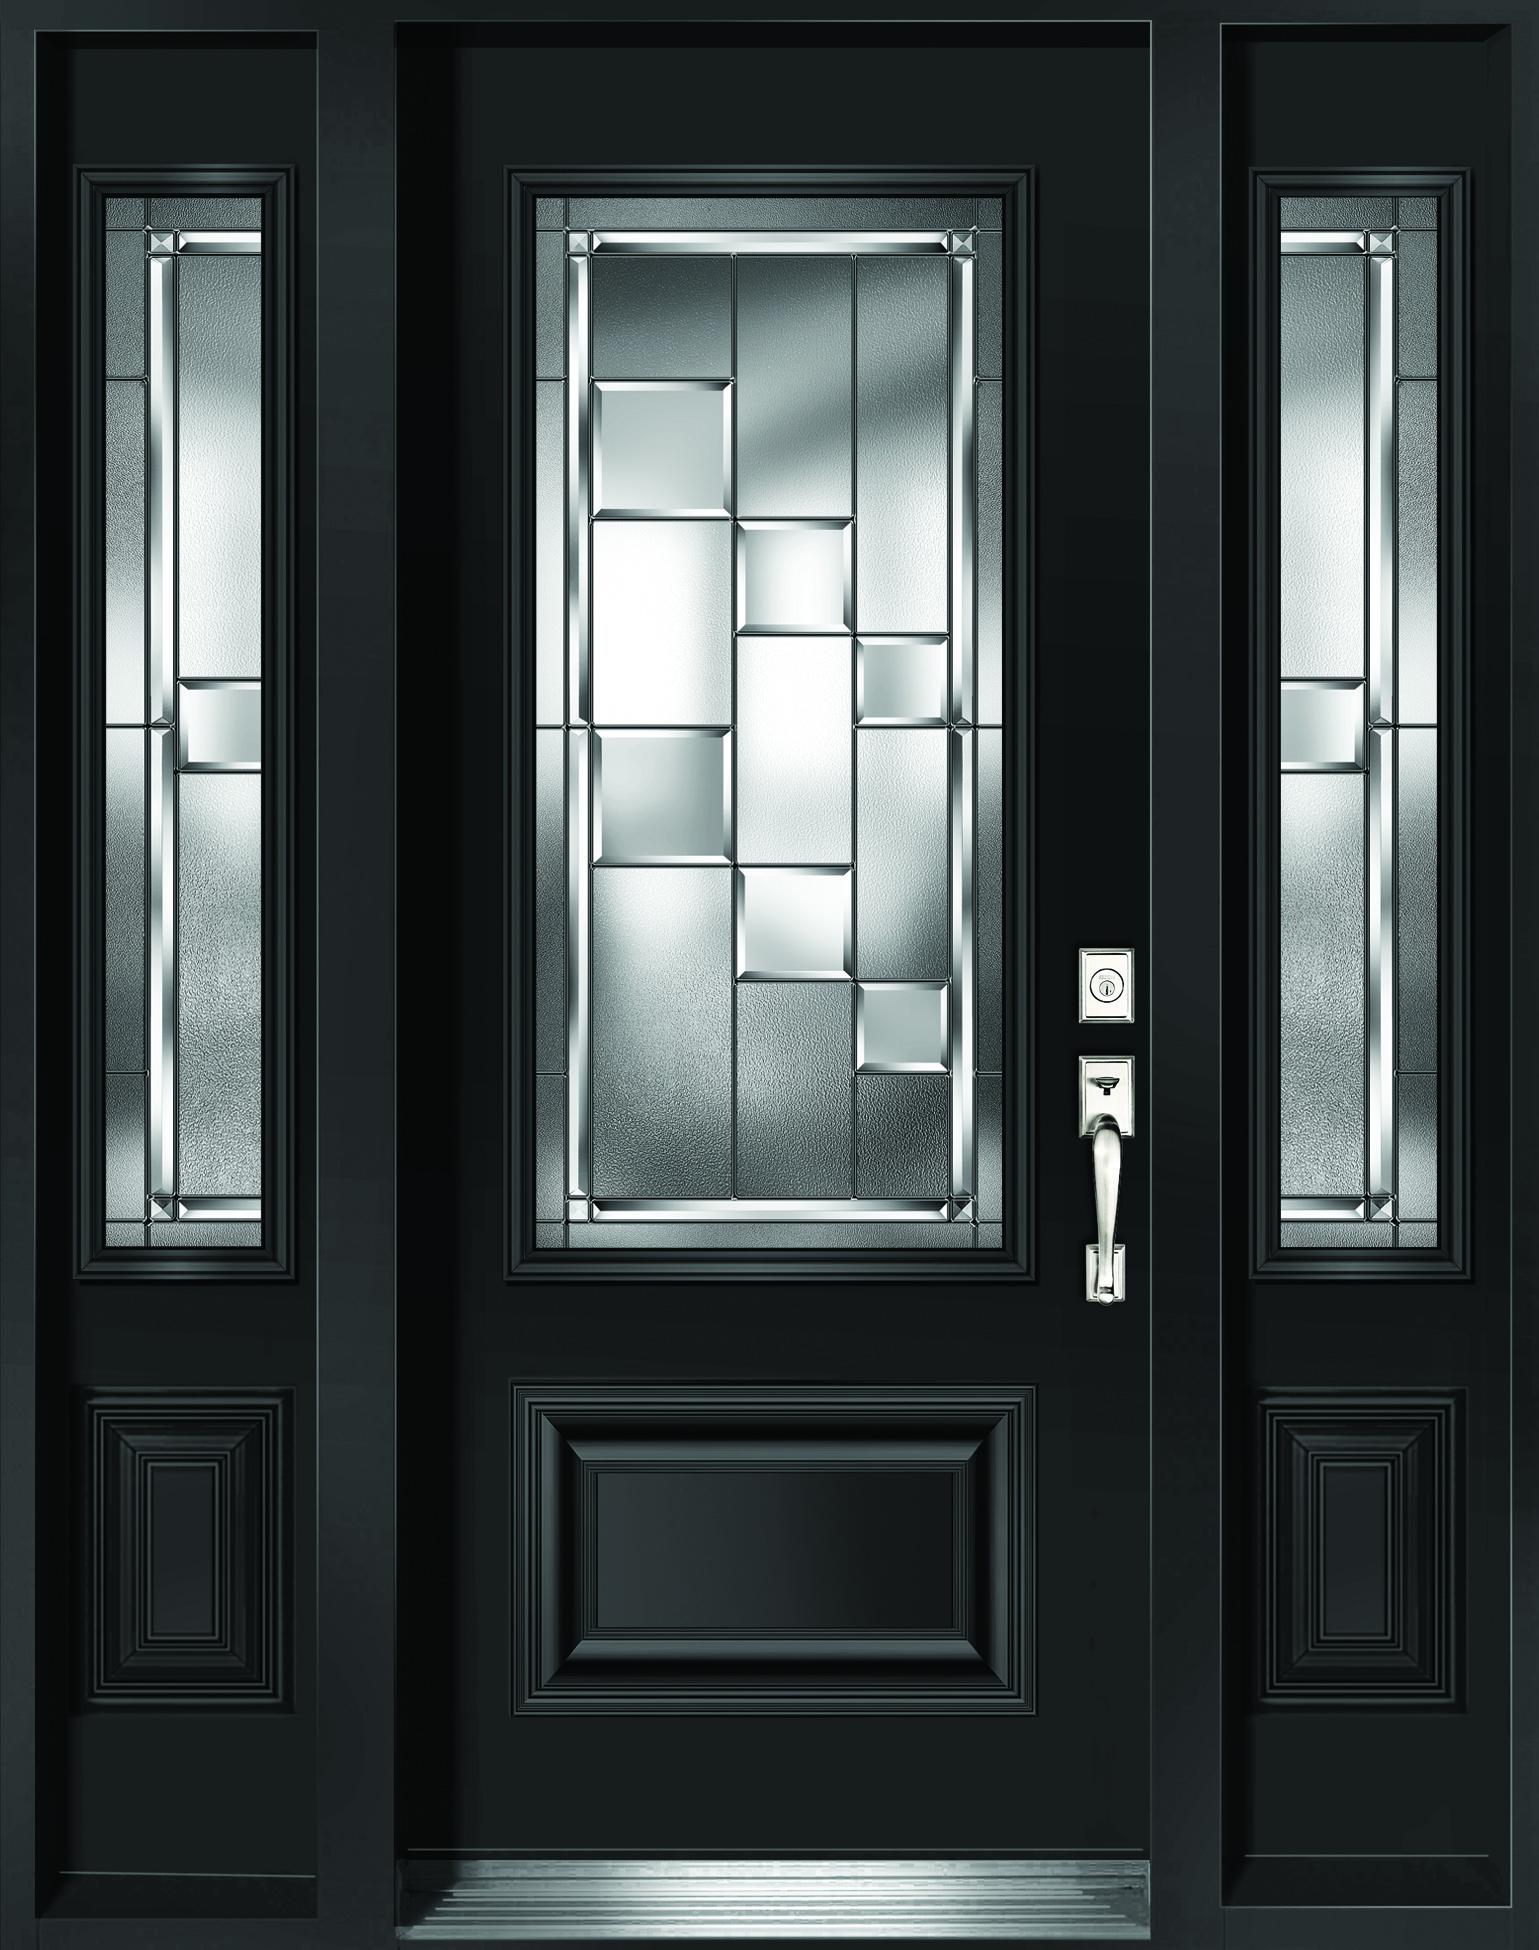 portes en acier. Black Bedroom Furniture Sets. Home Design Ideas